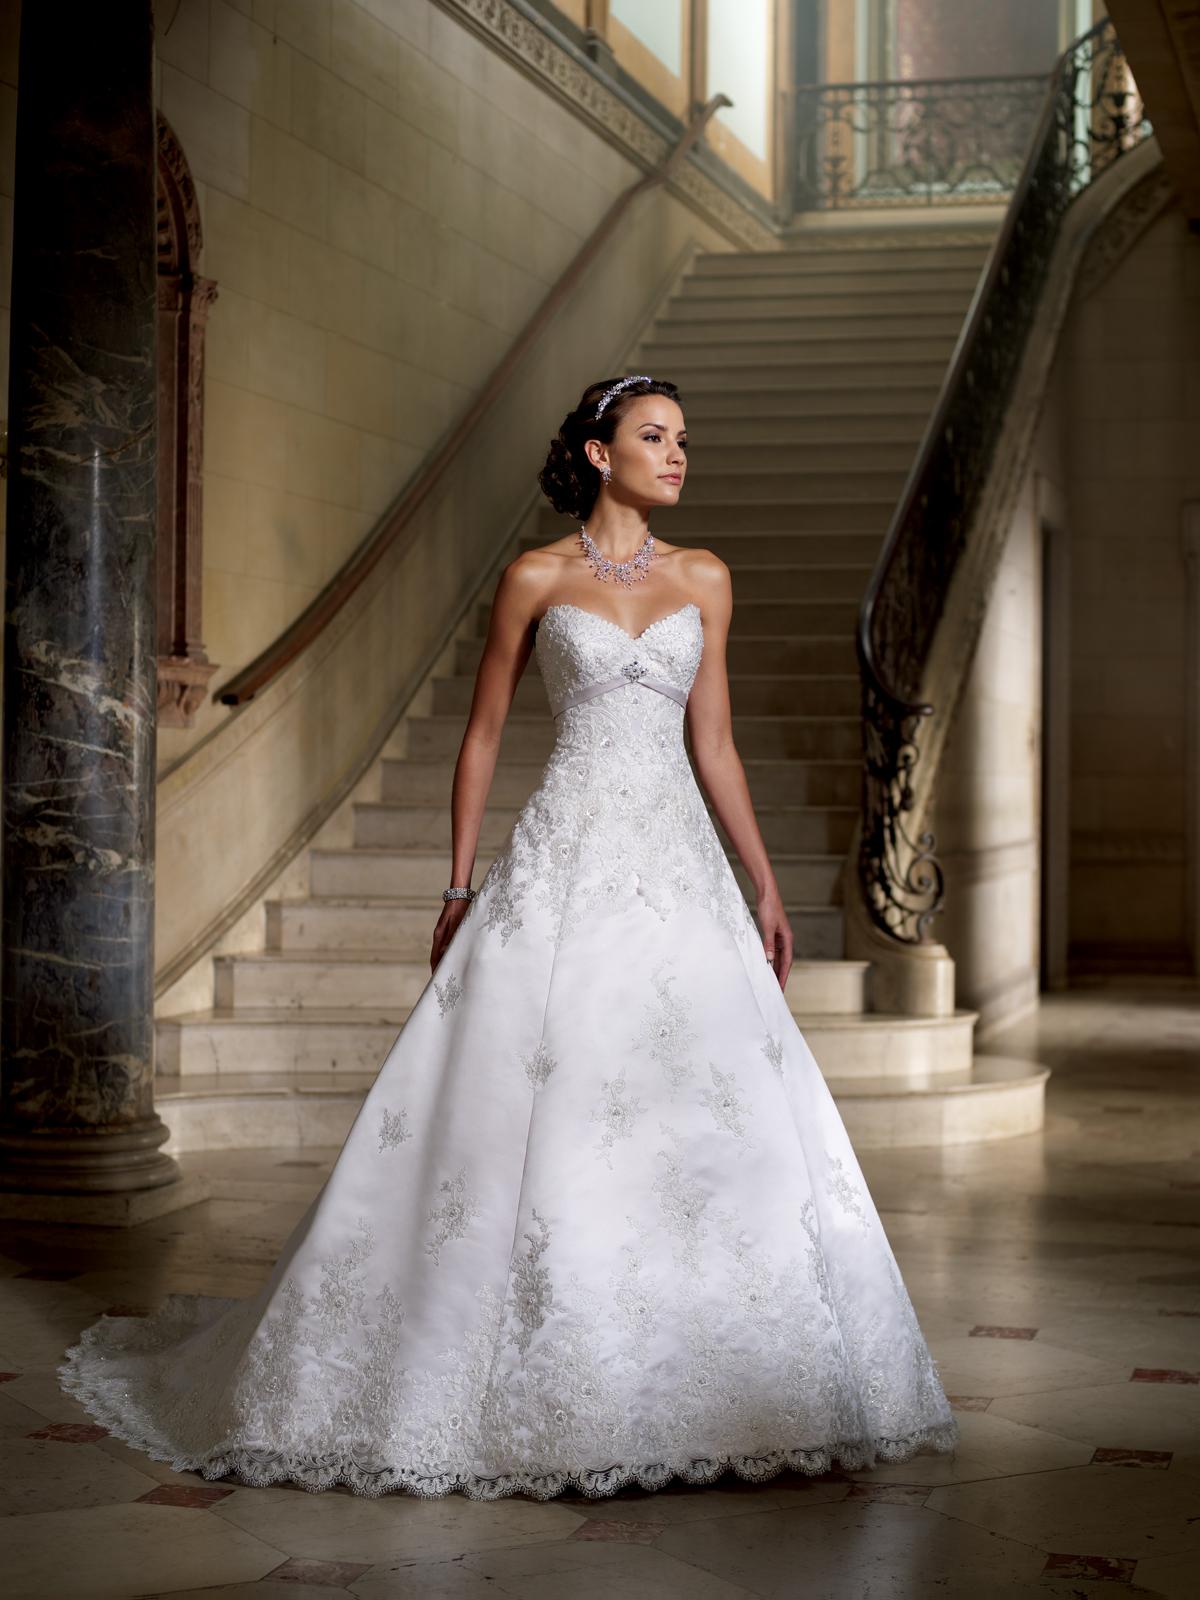 Vestido de Noiva Jocasta - Hipnose Alta Costura e Spa para Noivas e Noivos - Campinas - SP Vestido de Noiva, Vestidos de Noiva Princesa, Hipnose Alta Costura, Vestido de Noiva Jocasta